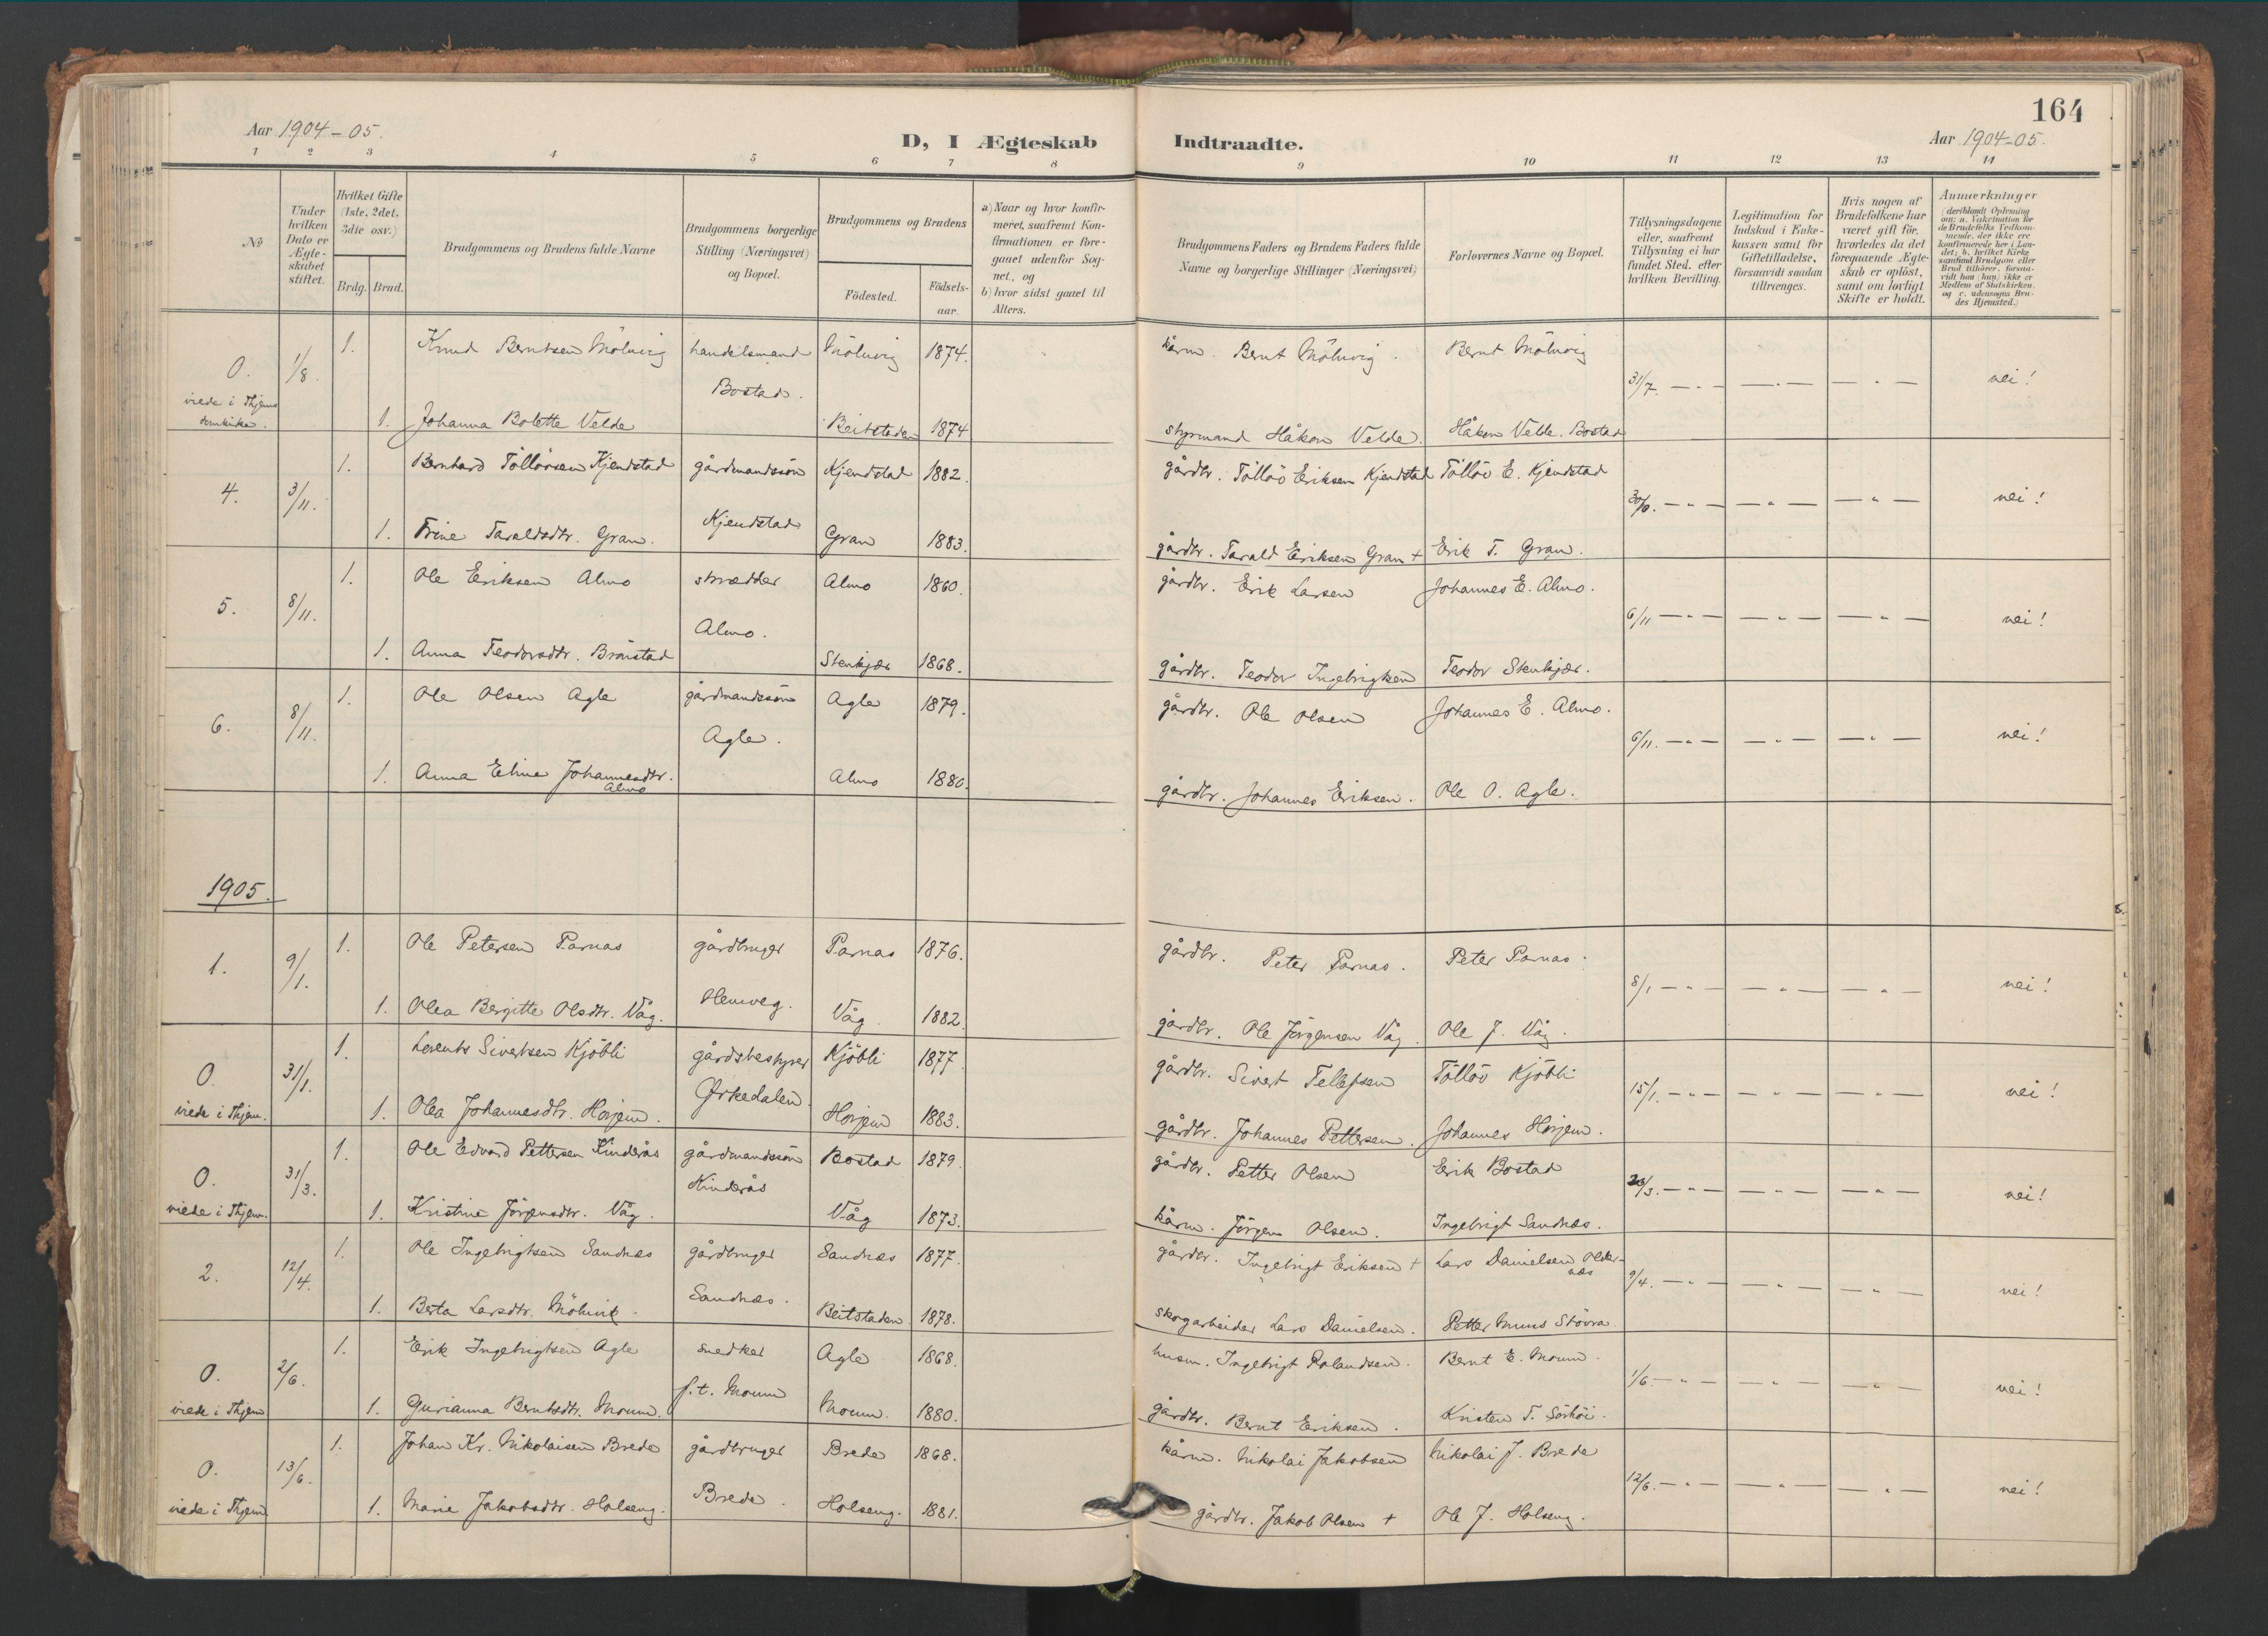 SAT, Ministerialprotokoller, klokkerbøker og fødselsregistre - Nord-Trøndelag, 749/L0477: Ministerialbok nr. 749A11, 1902-1927, s. 164